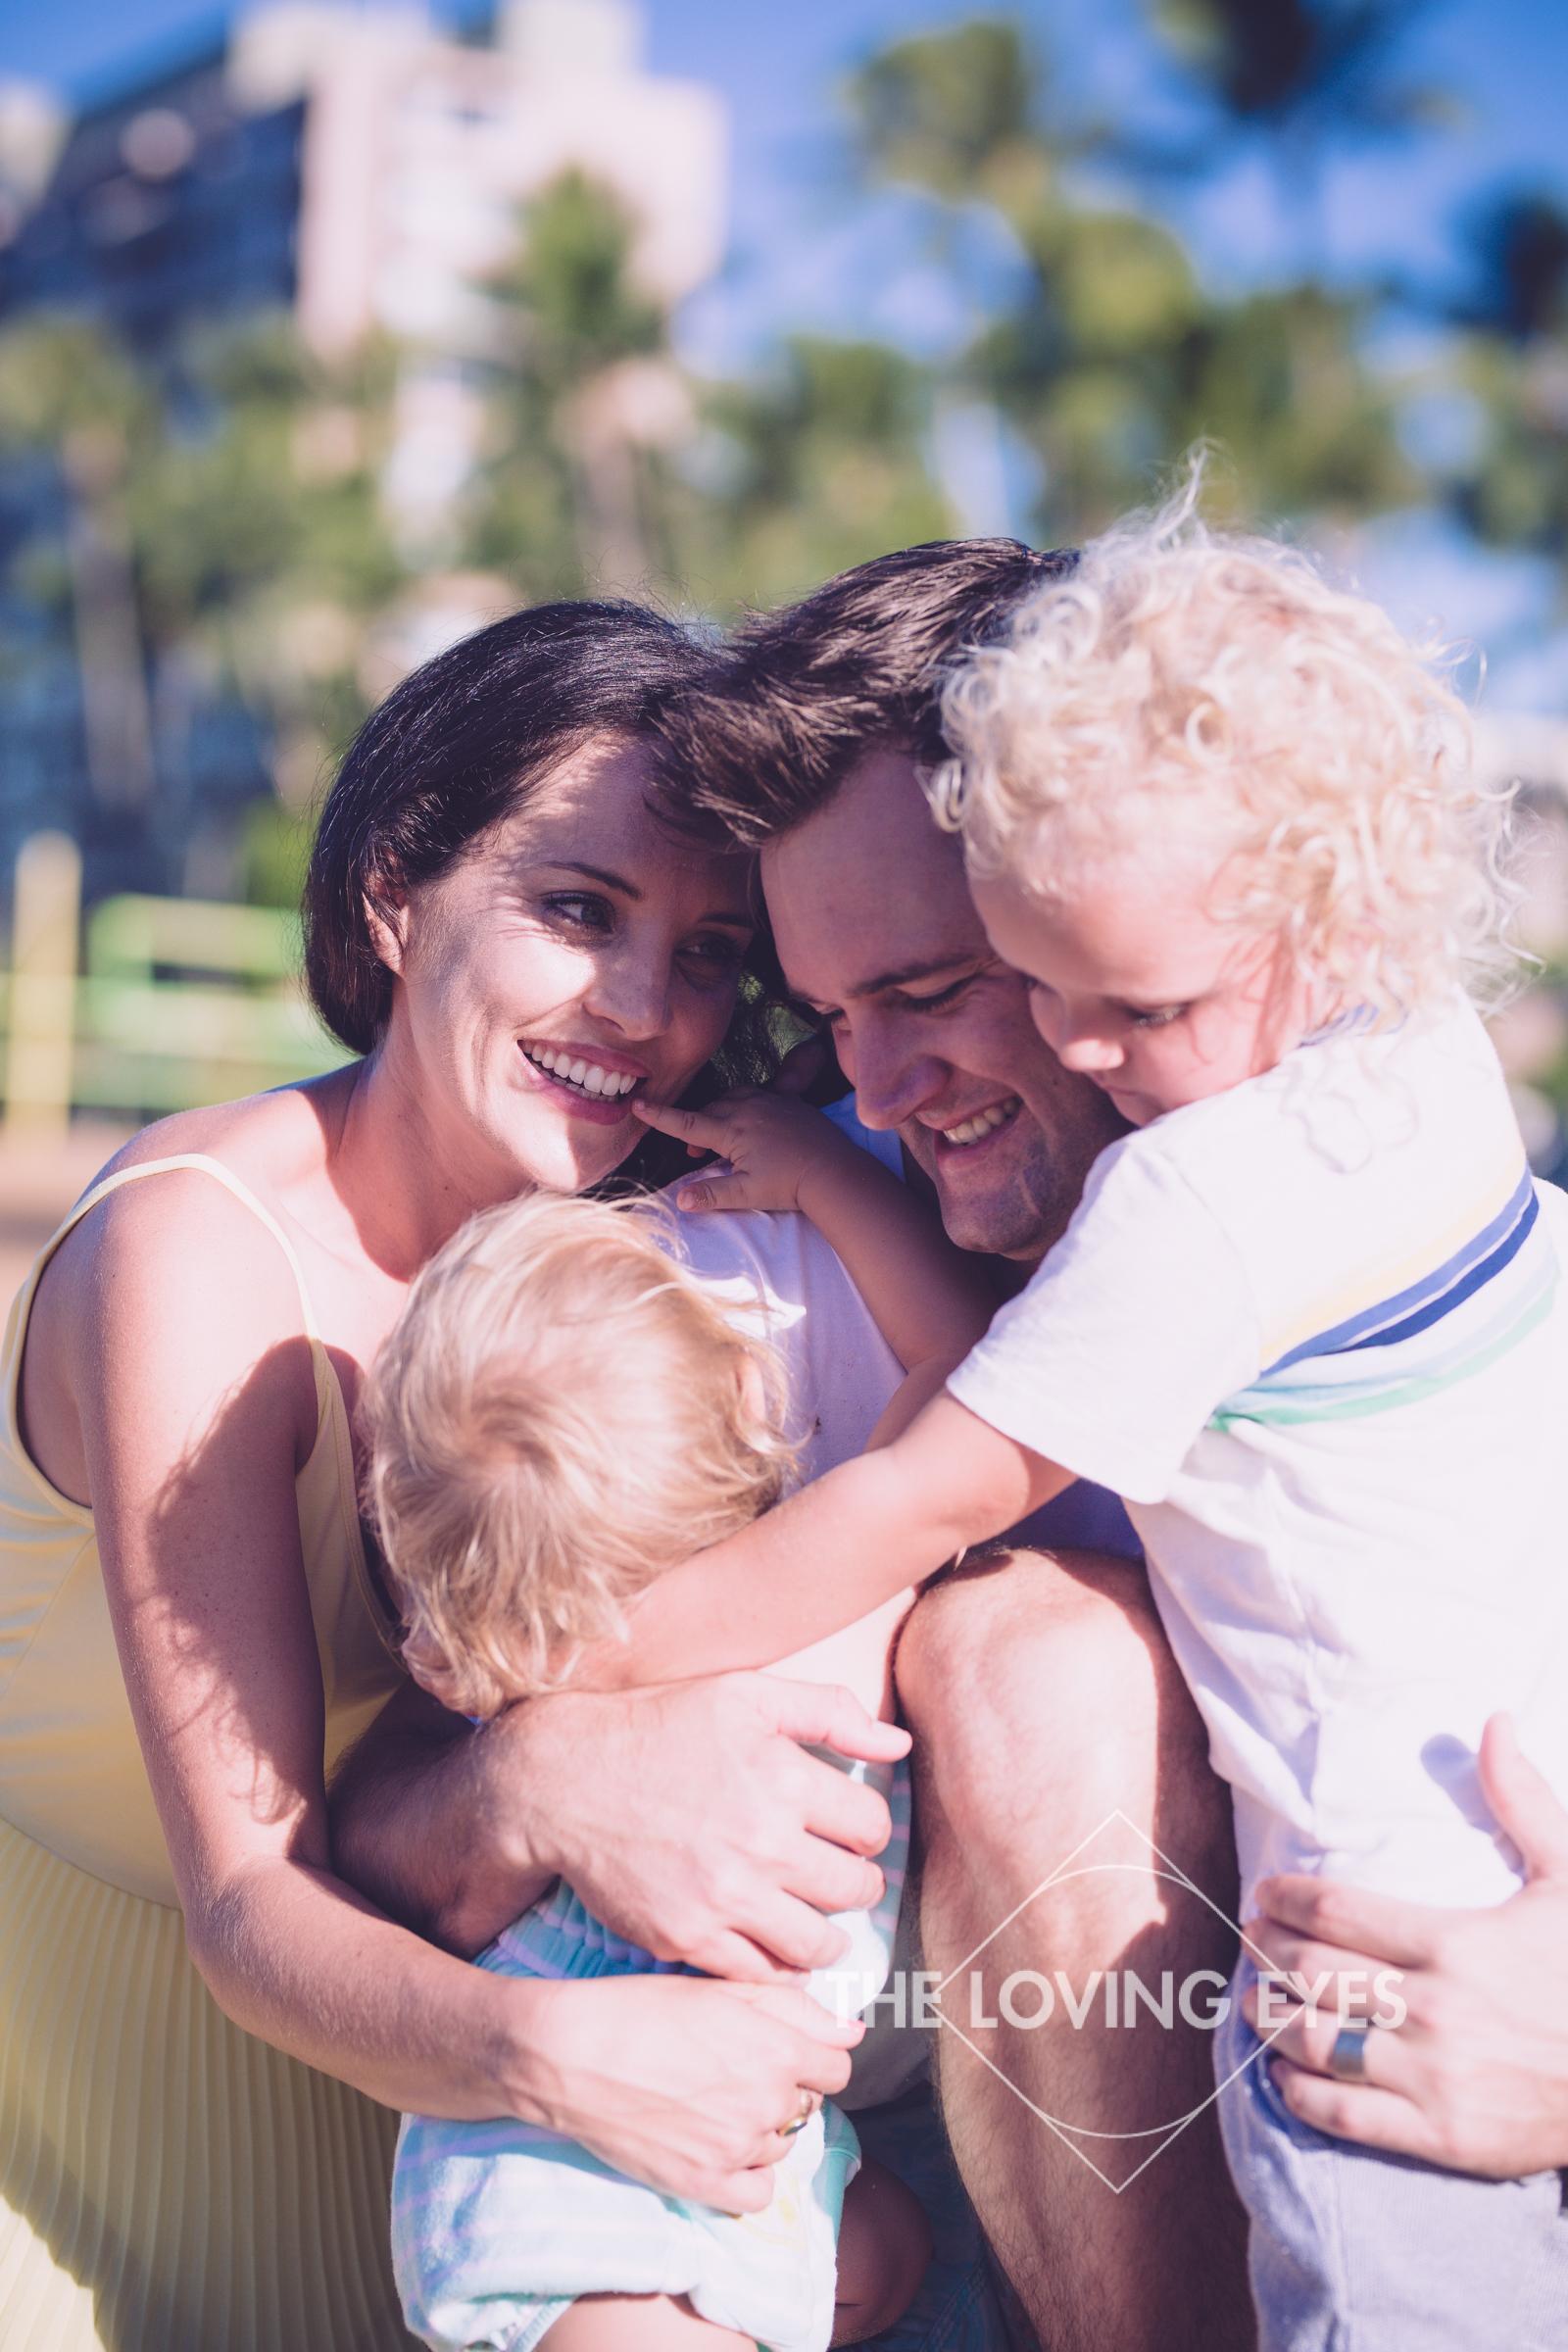 Kauai-Family-Vacation-Beach-Photos-11.jpg